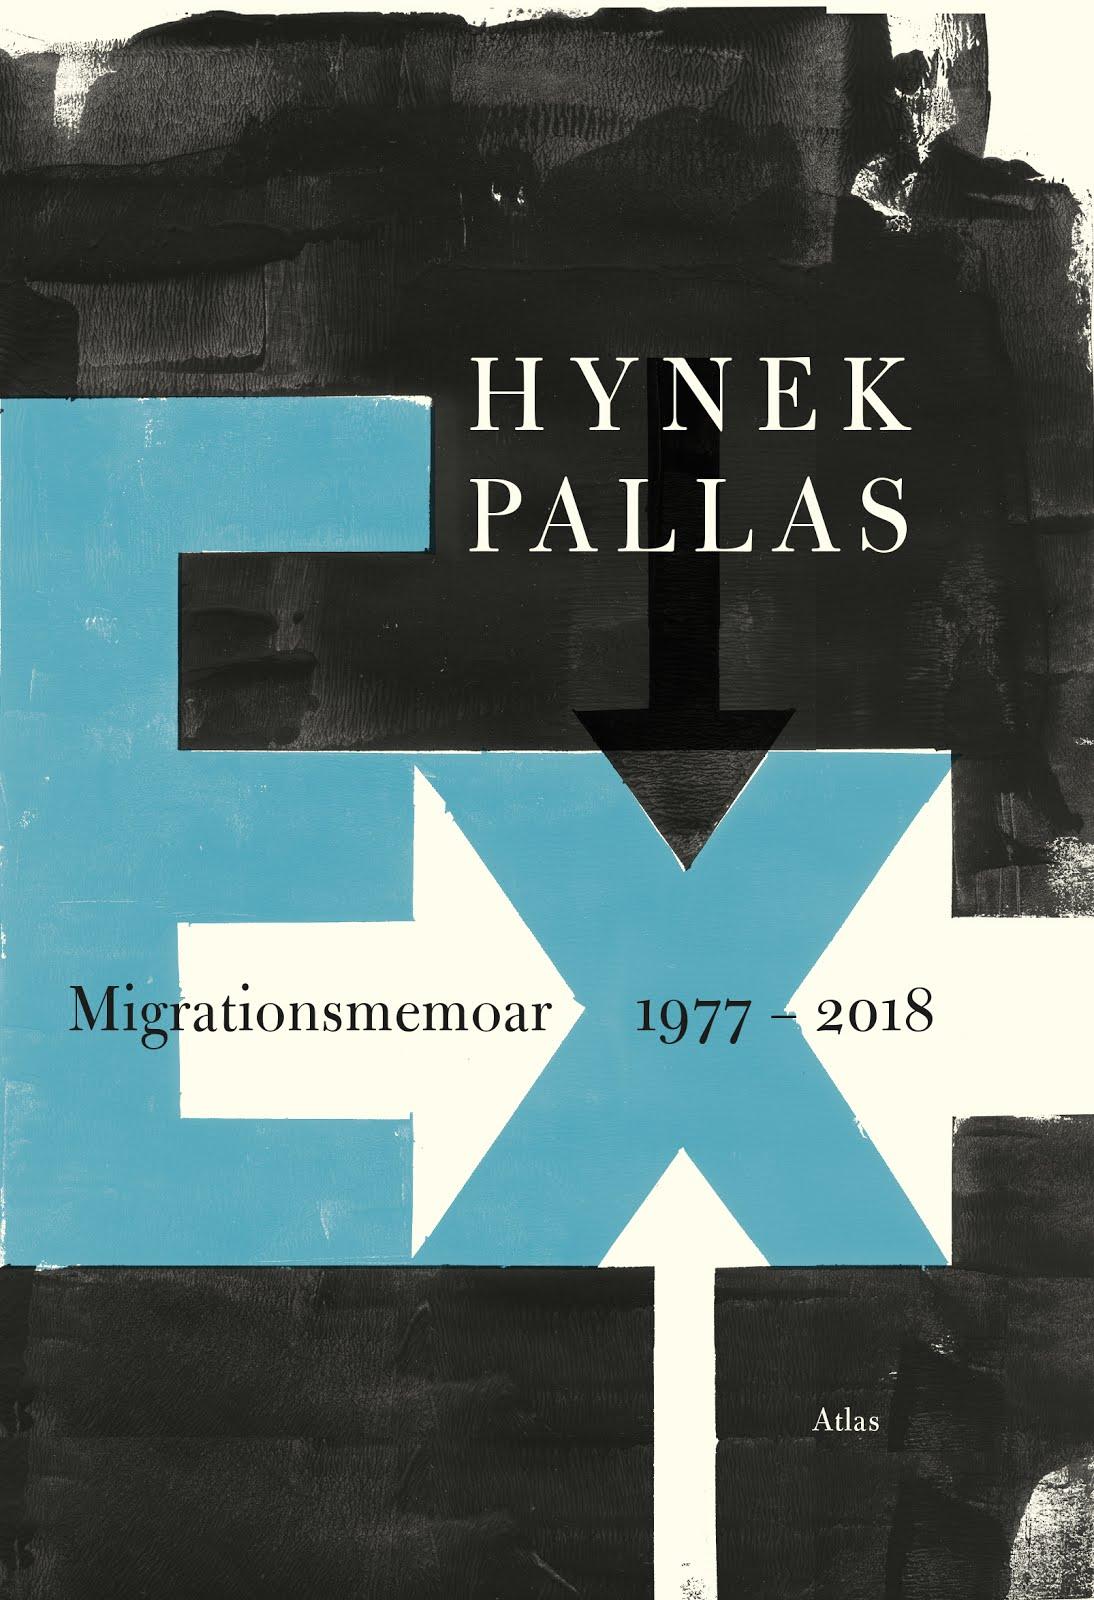 Ex: Migrationsmemoar 1977 - 2018